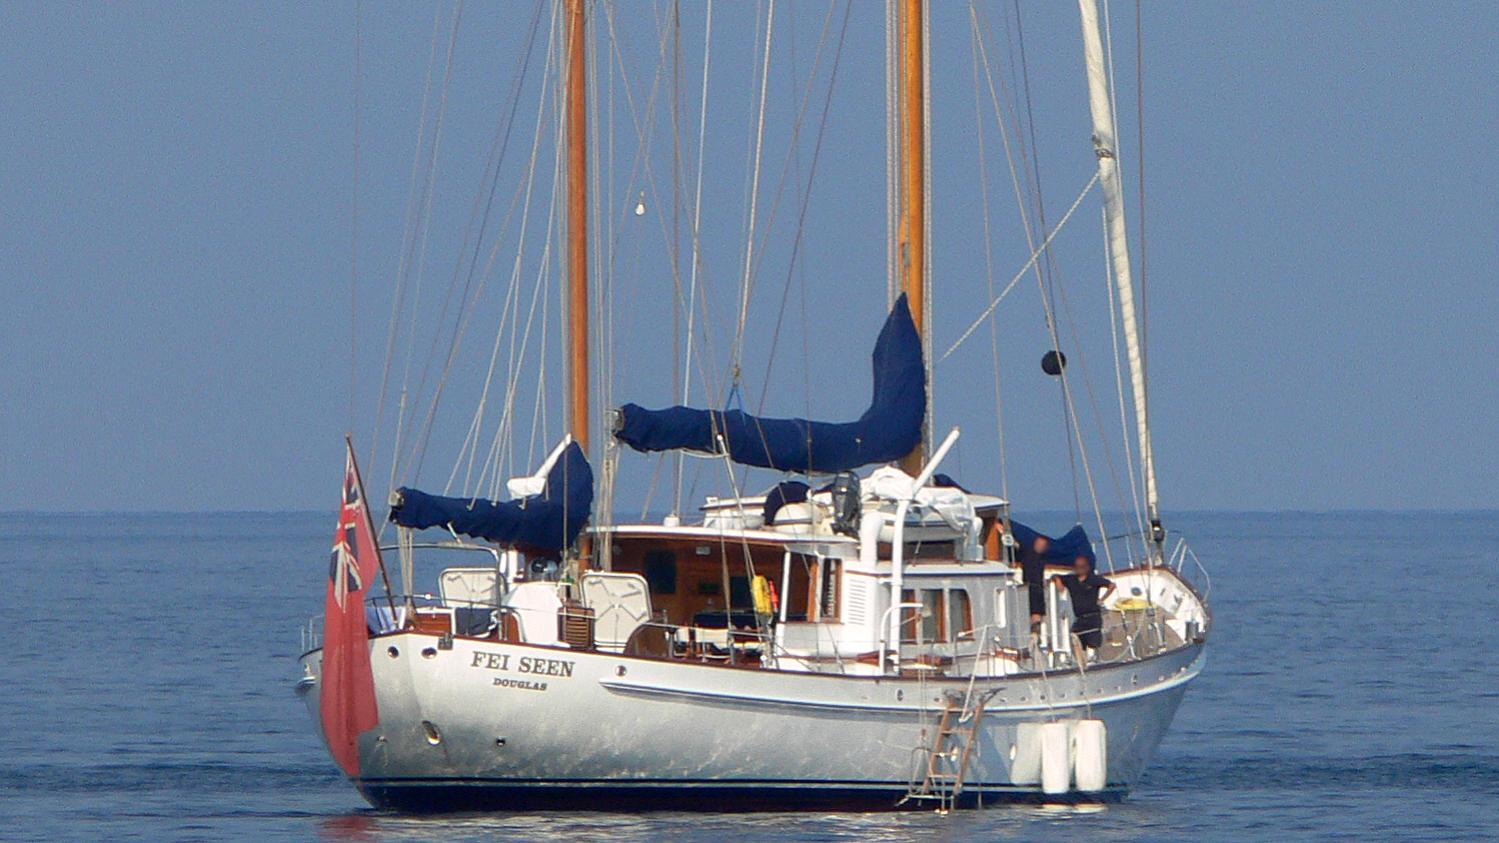 fei-seen-yacht-exterior